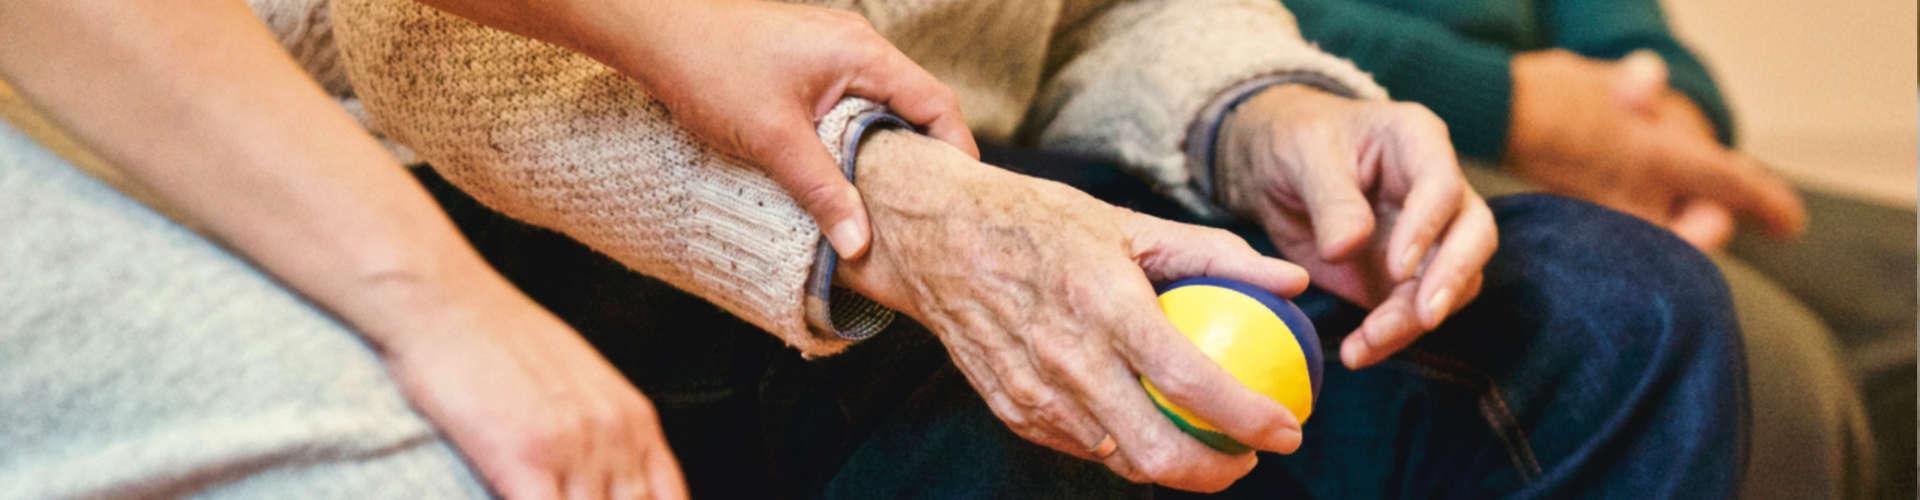 OUaPRS Mohelnice sociální péče